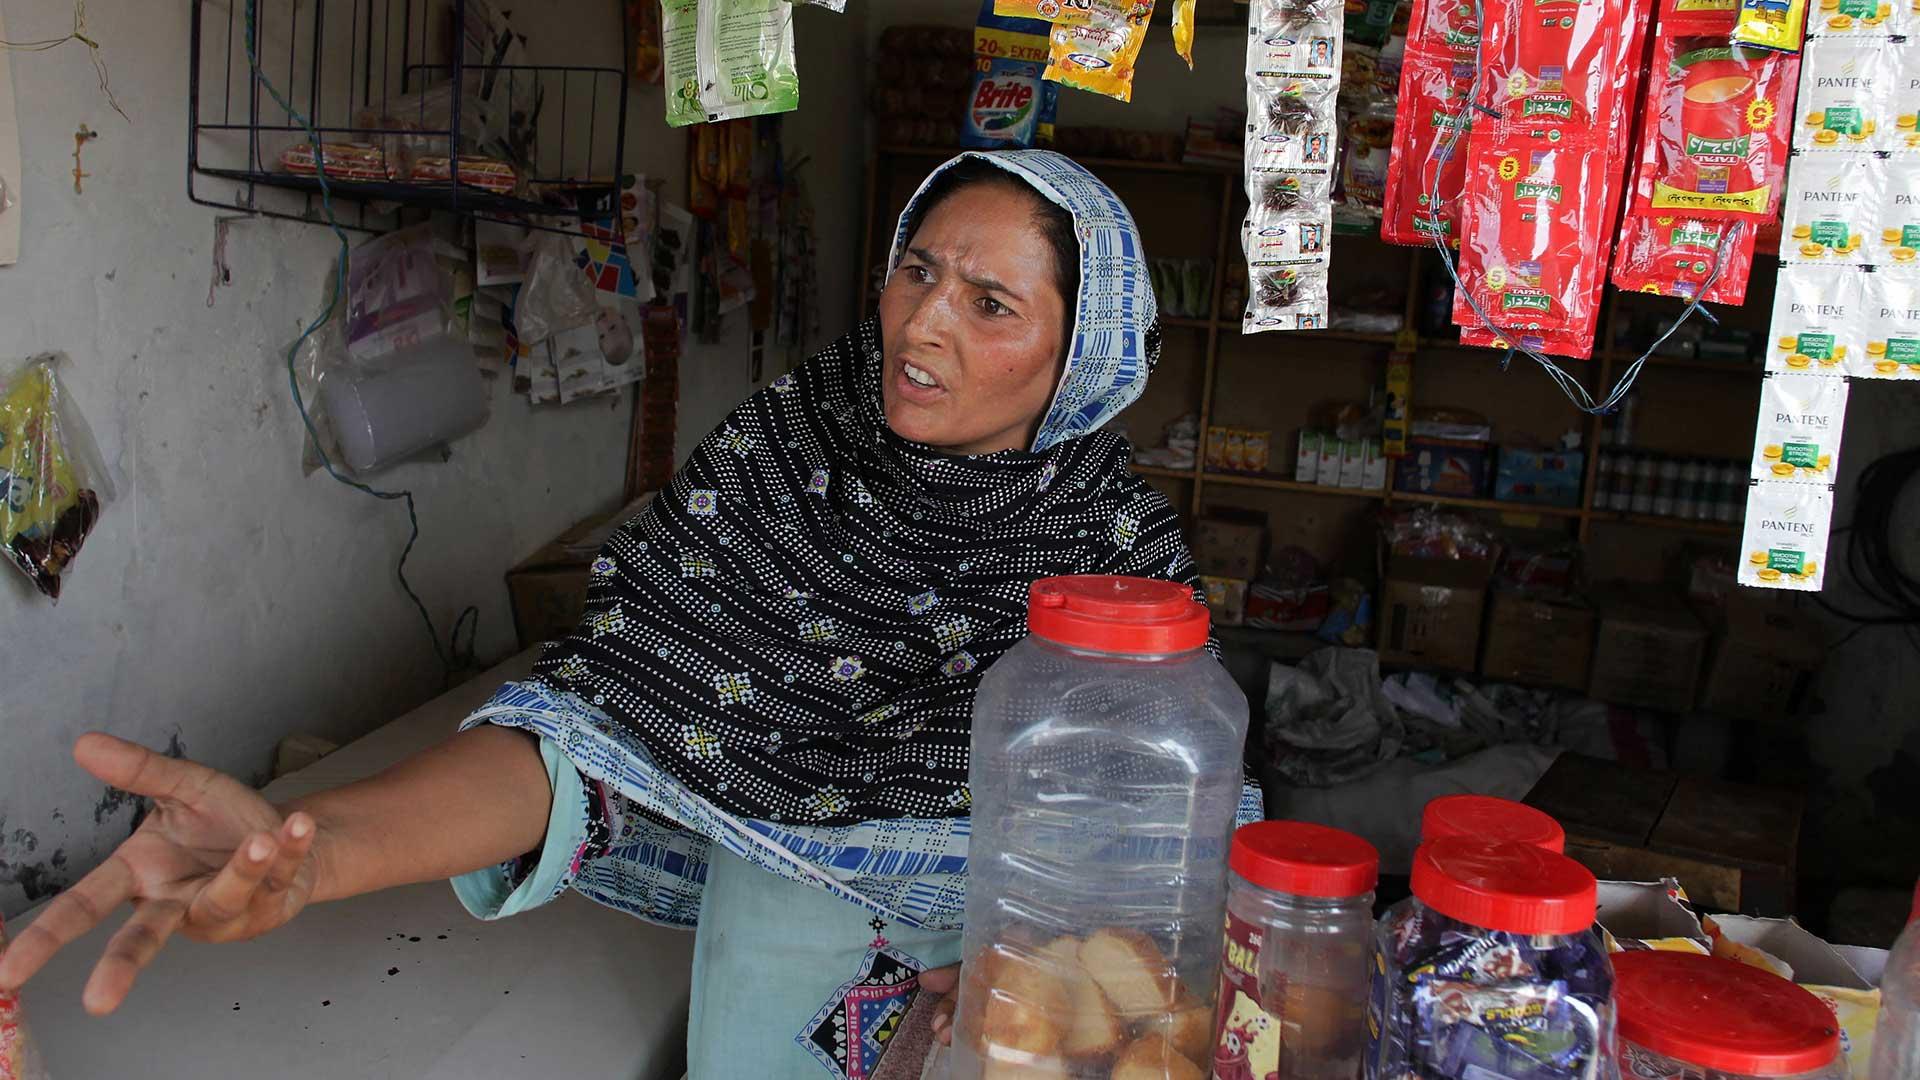 """""""¿Por qué tuvo que morir?"""", se pregunta Fauzia Javed una comerciante vecina de Tasleem que se queja por el doble estandar de la población paquistaní (AP)"""